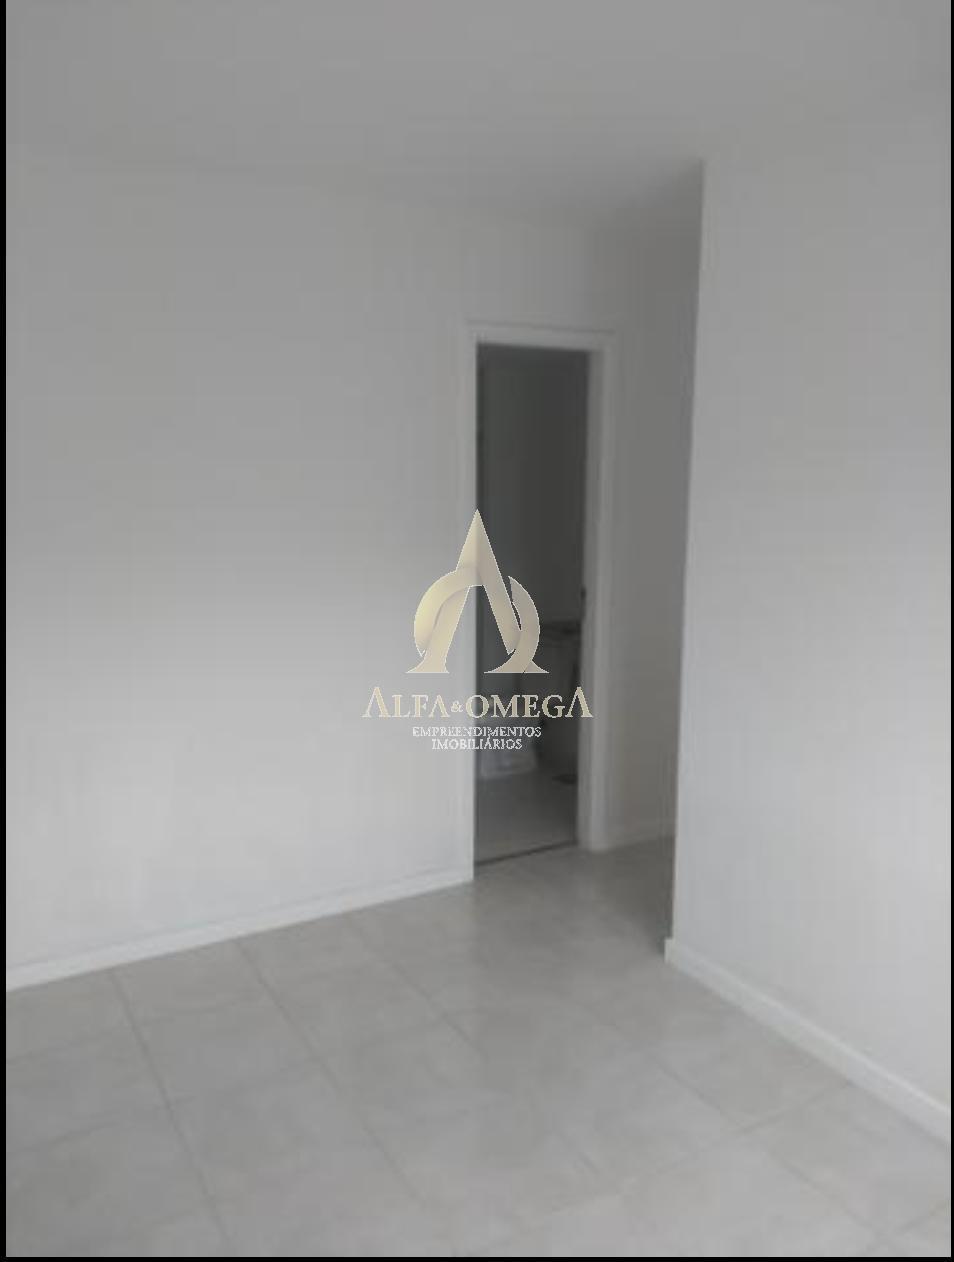 FOTO 6 - Apartamento 2 quartos à venda Taquara, Rio de Janeiro - R$ 350.000 - AOJ20017 - 6